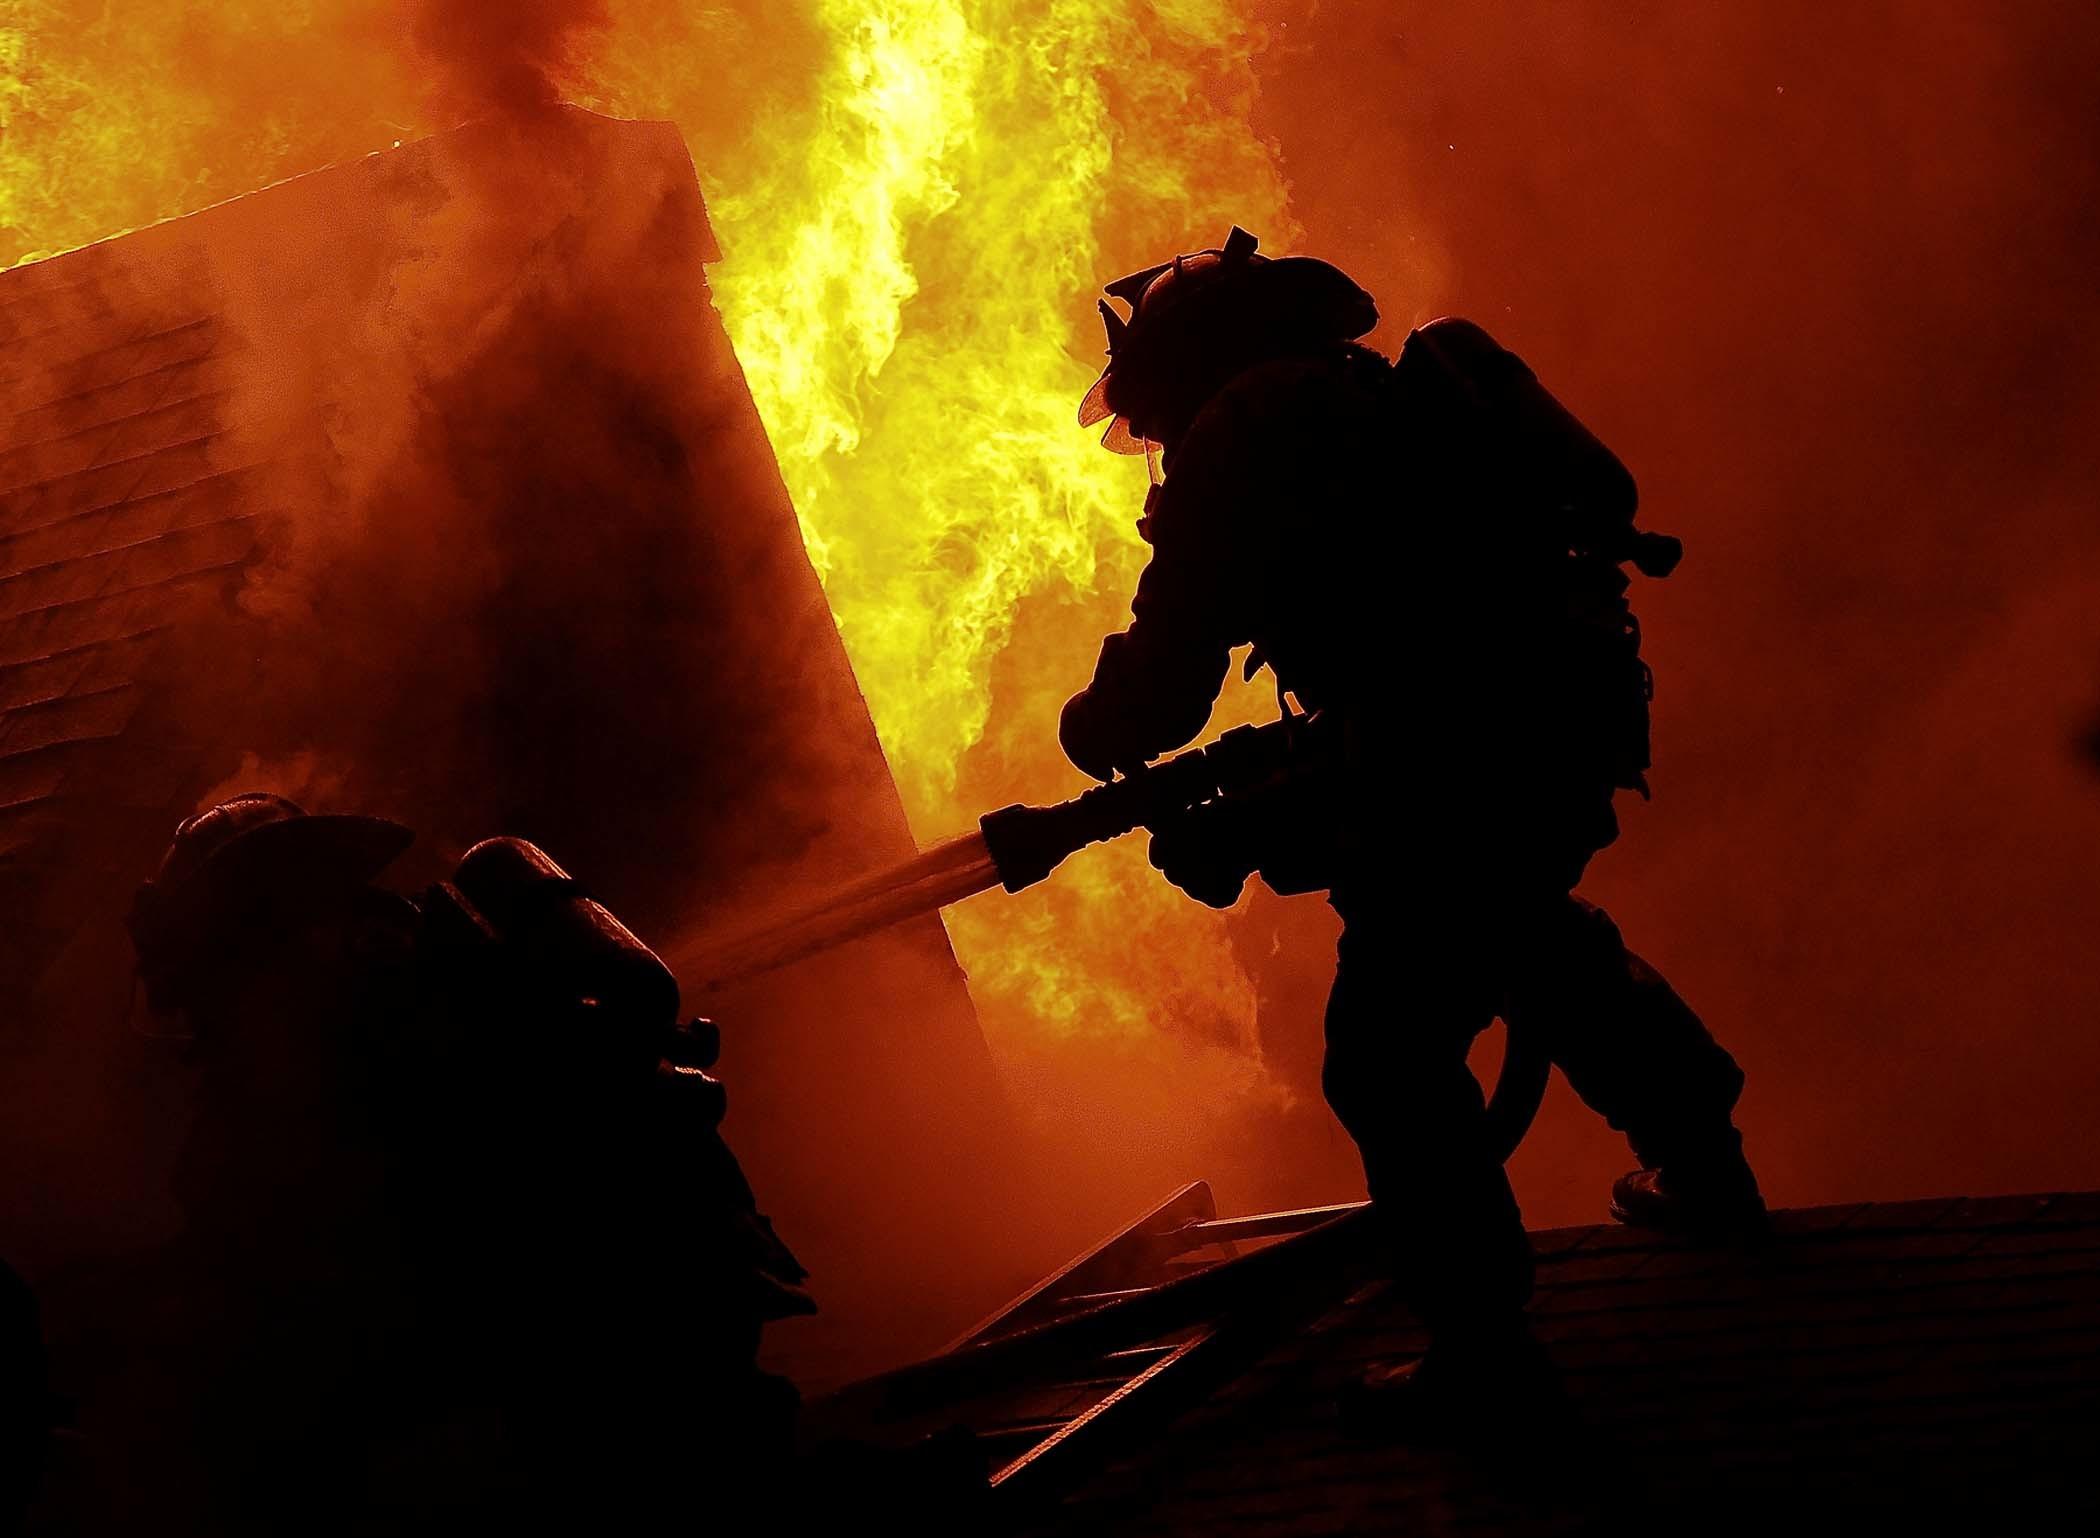 Res: 2100x1538, Free Firefighter Wallpapers Desktop · Navy Seal Wallpapers | Best .